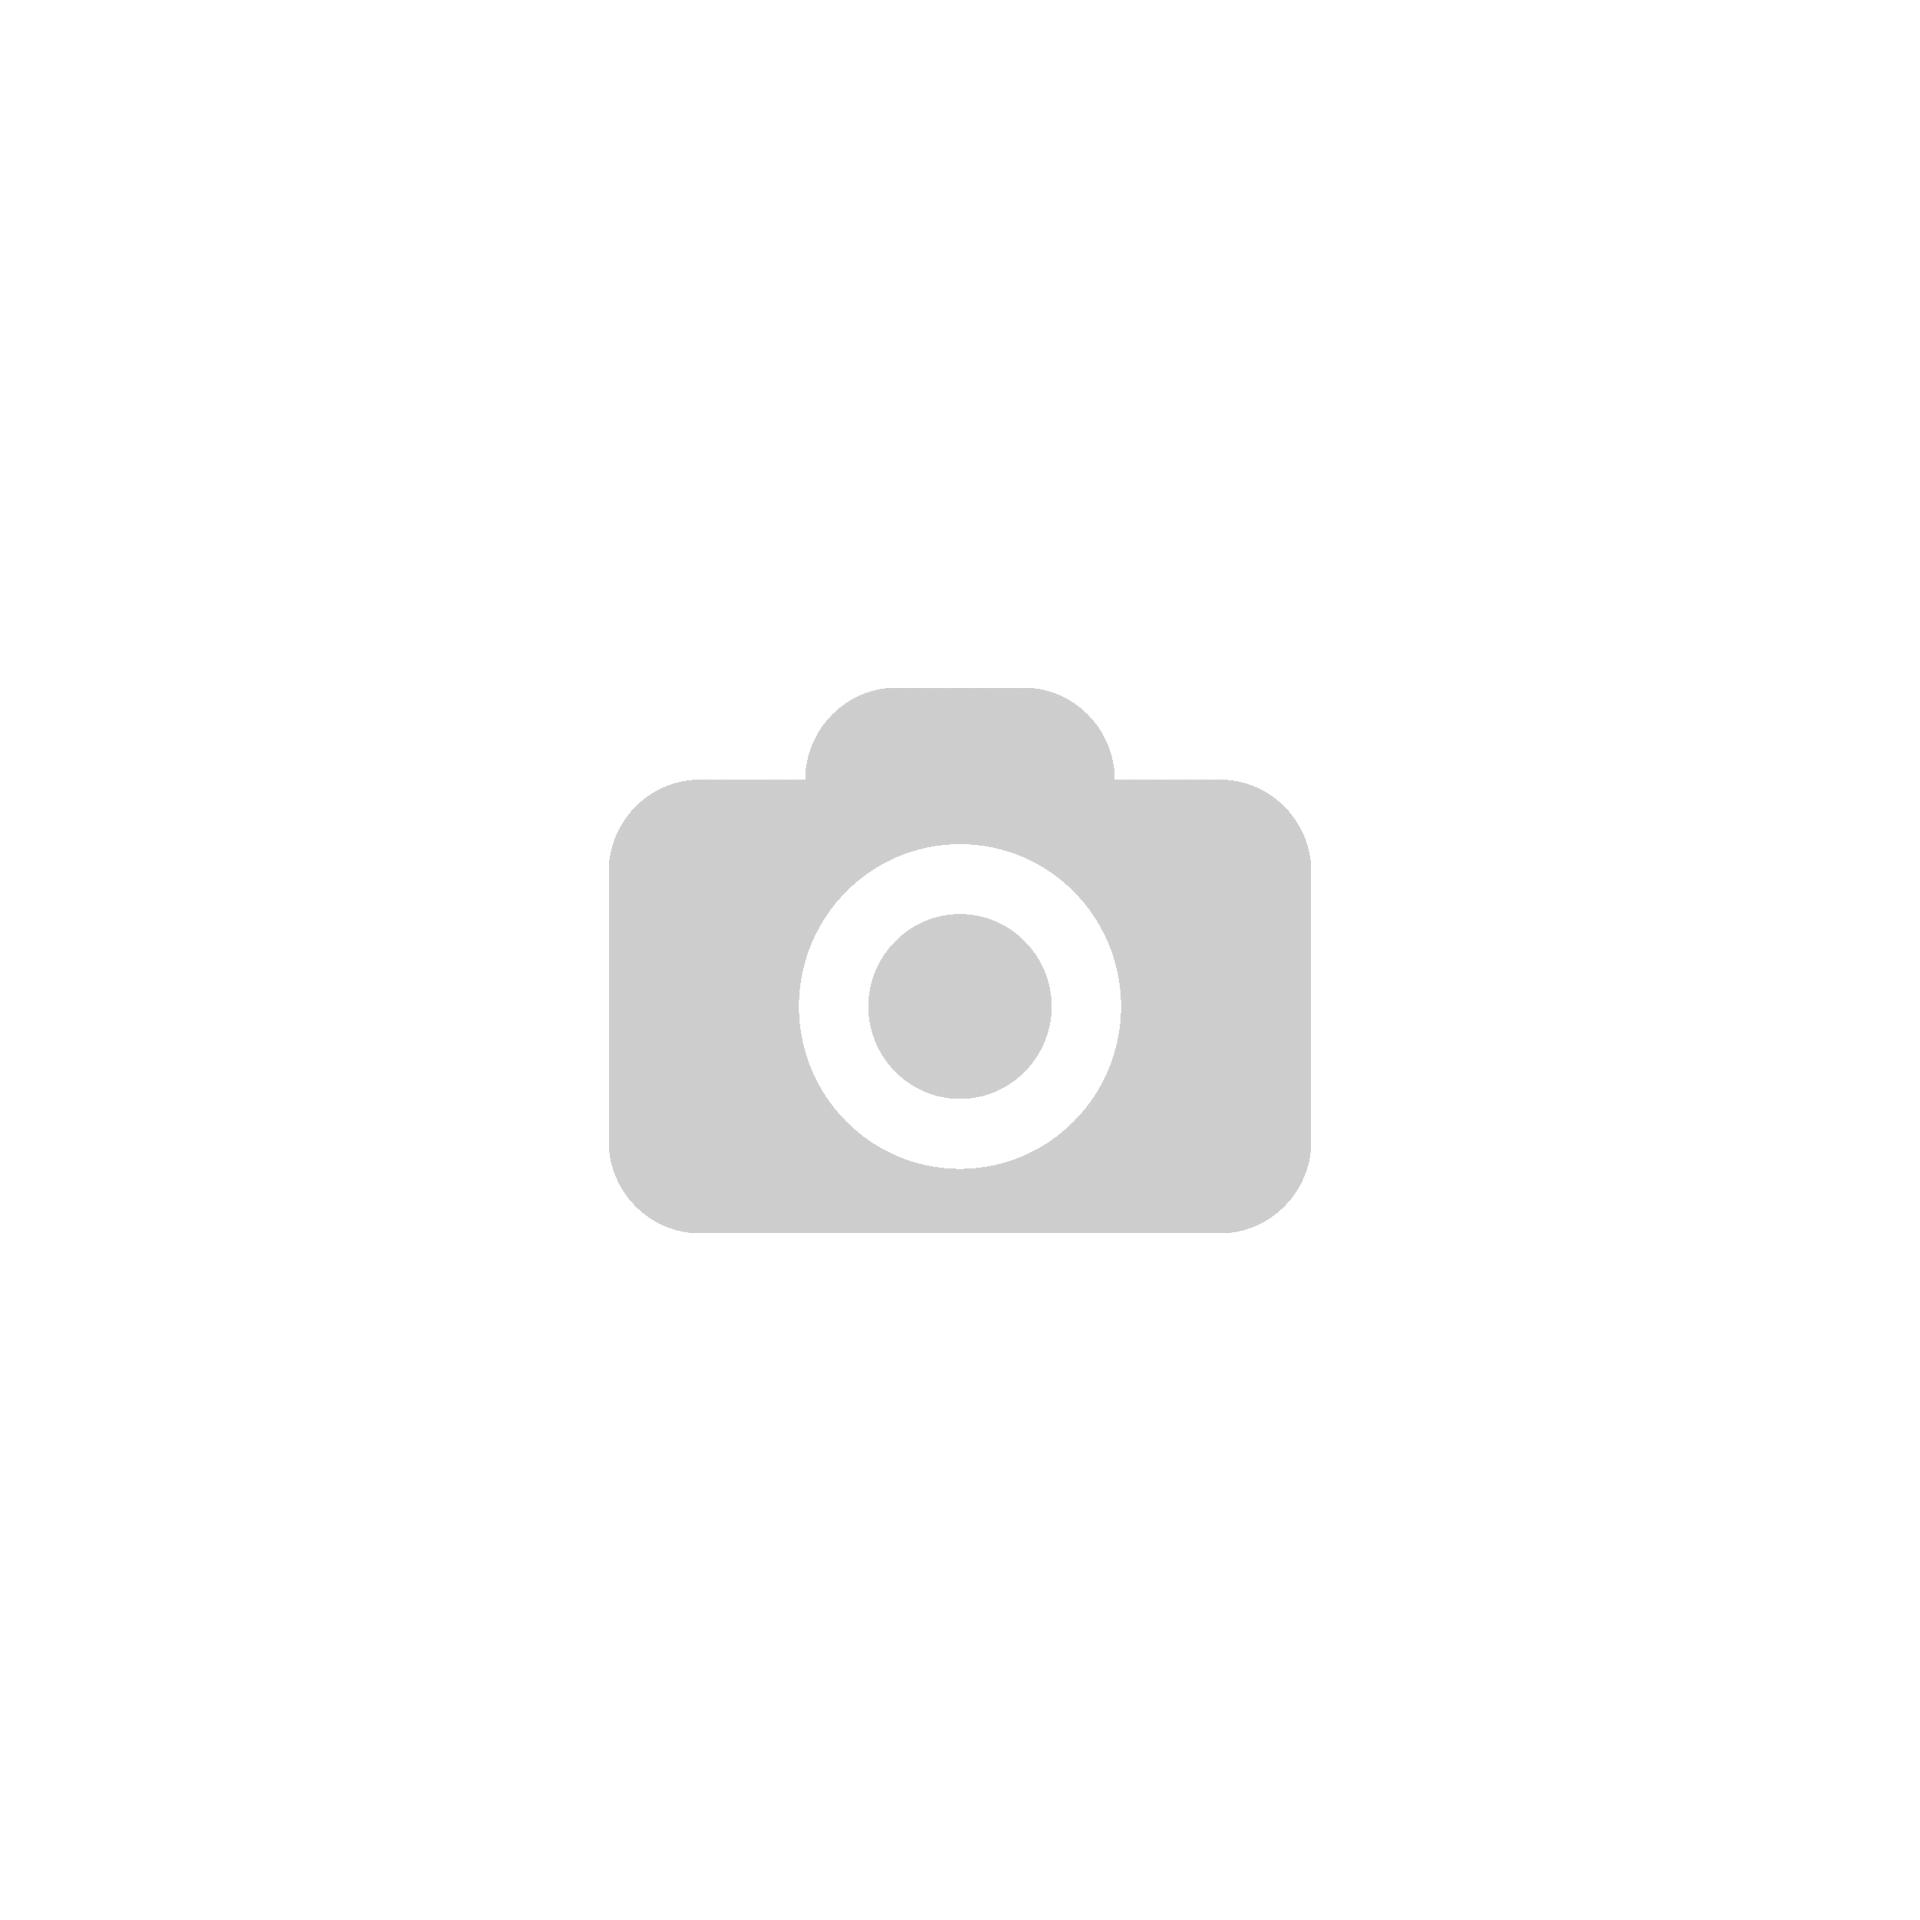 METABO HJA 14.4-18 fűthető kabát, L (akku és töltő nélkül, kartonban) + Power adapter akkuhoz